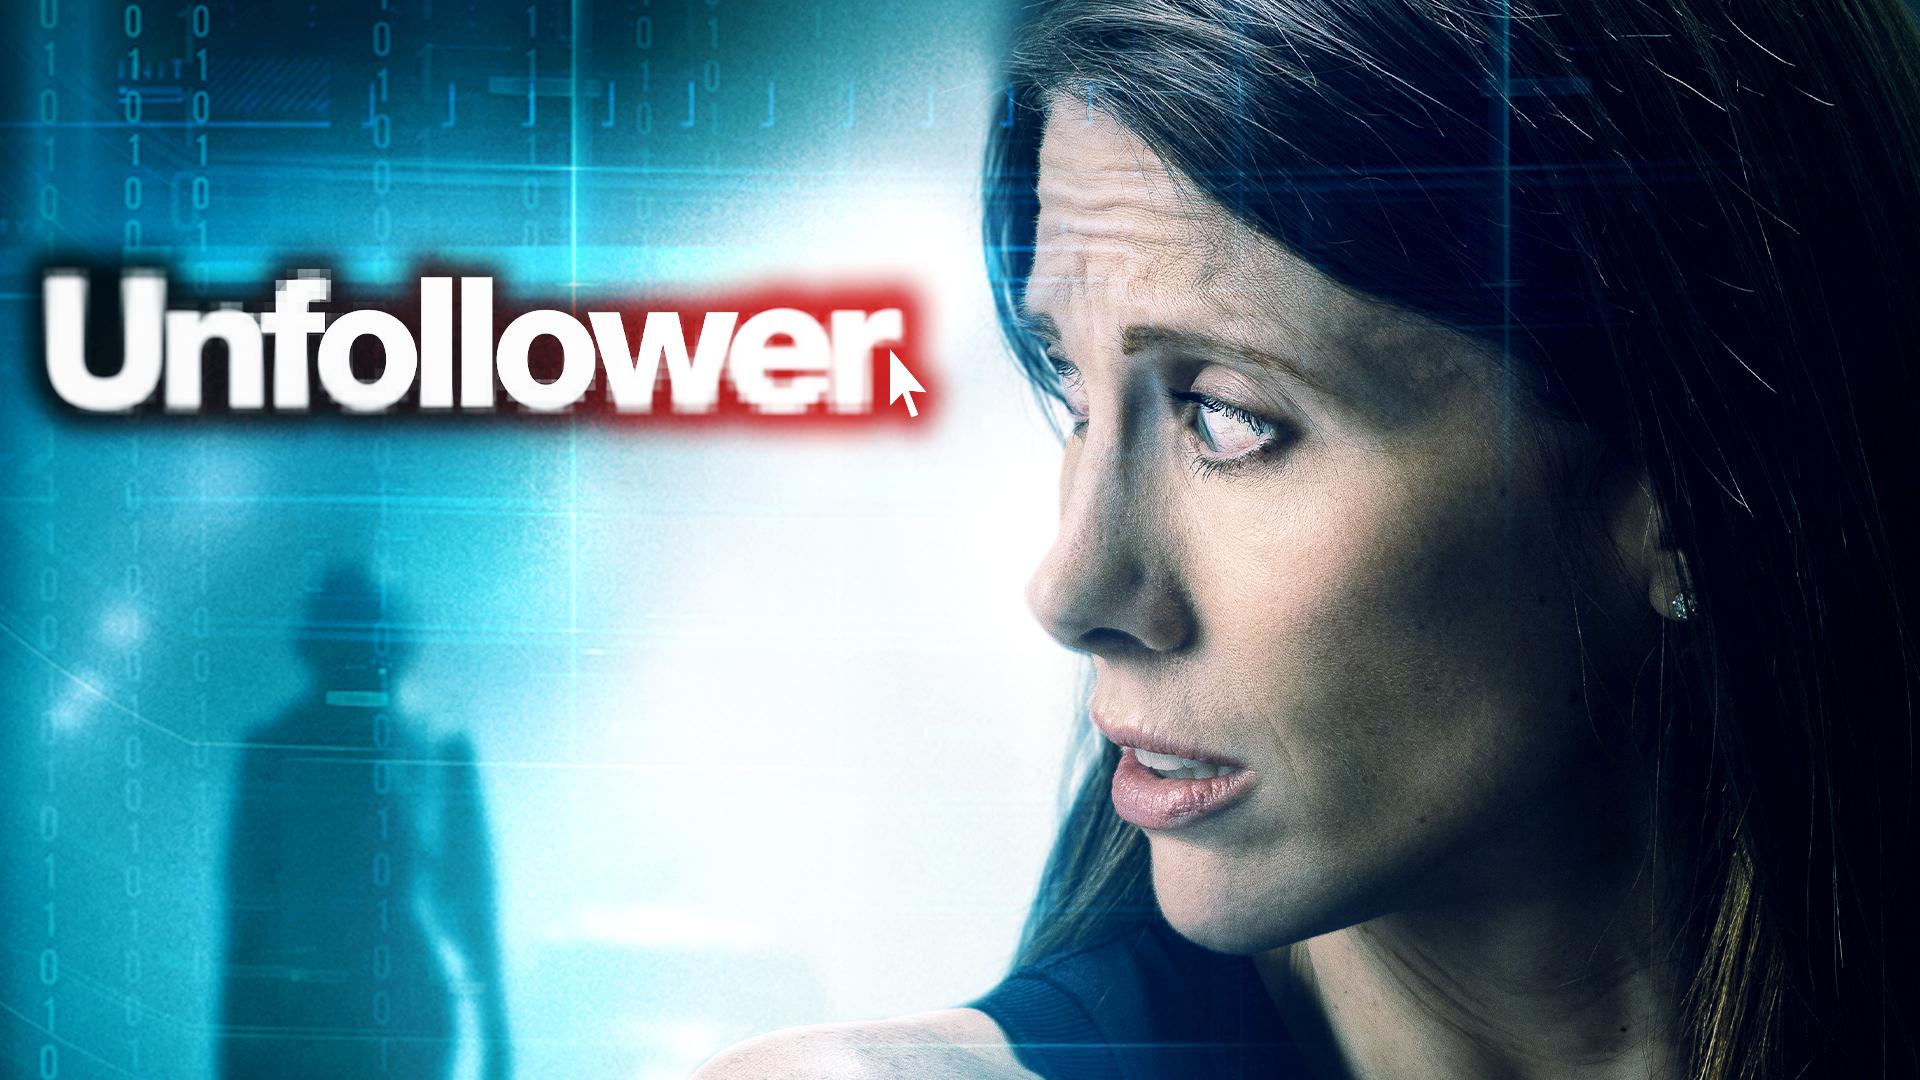 Unfollower